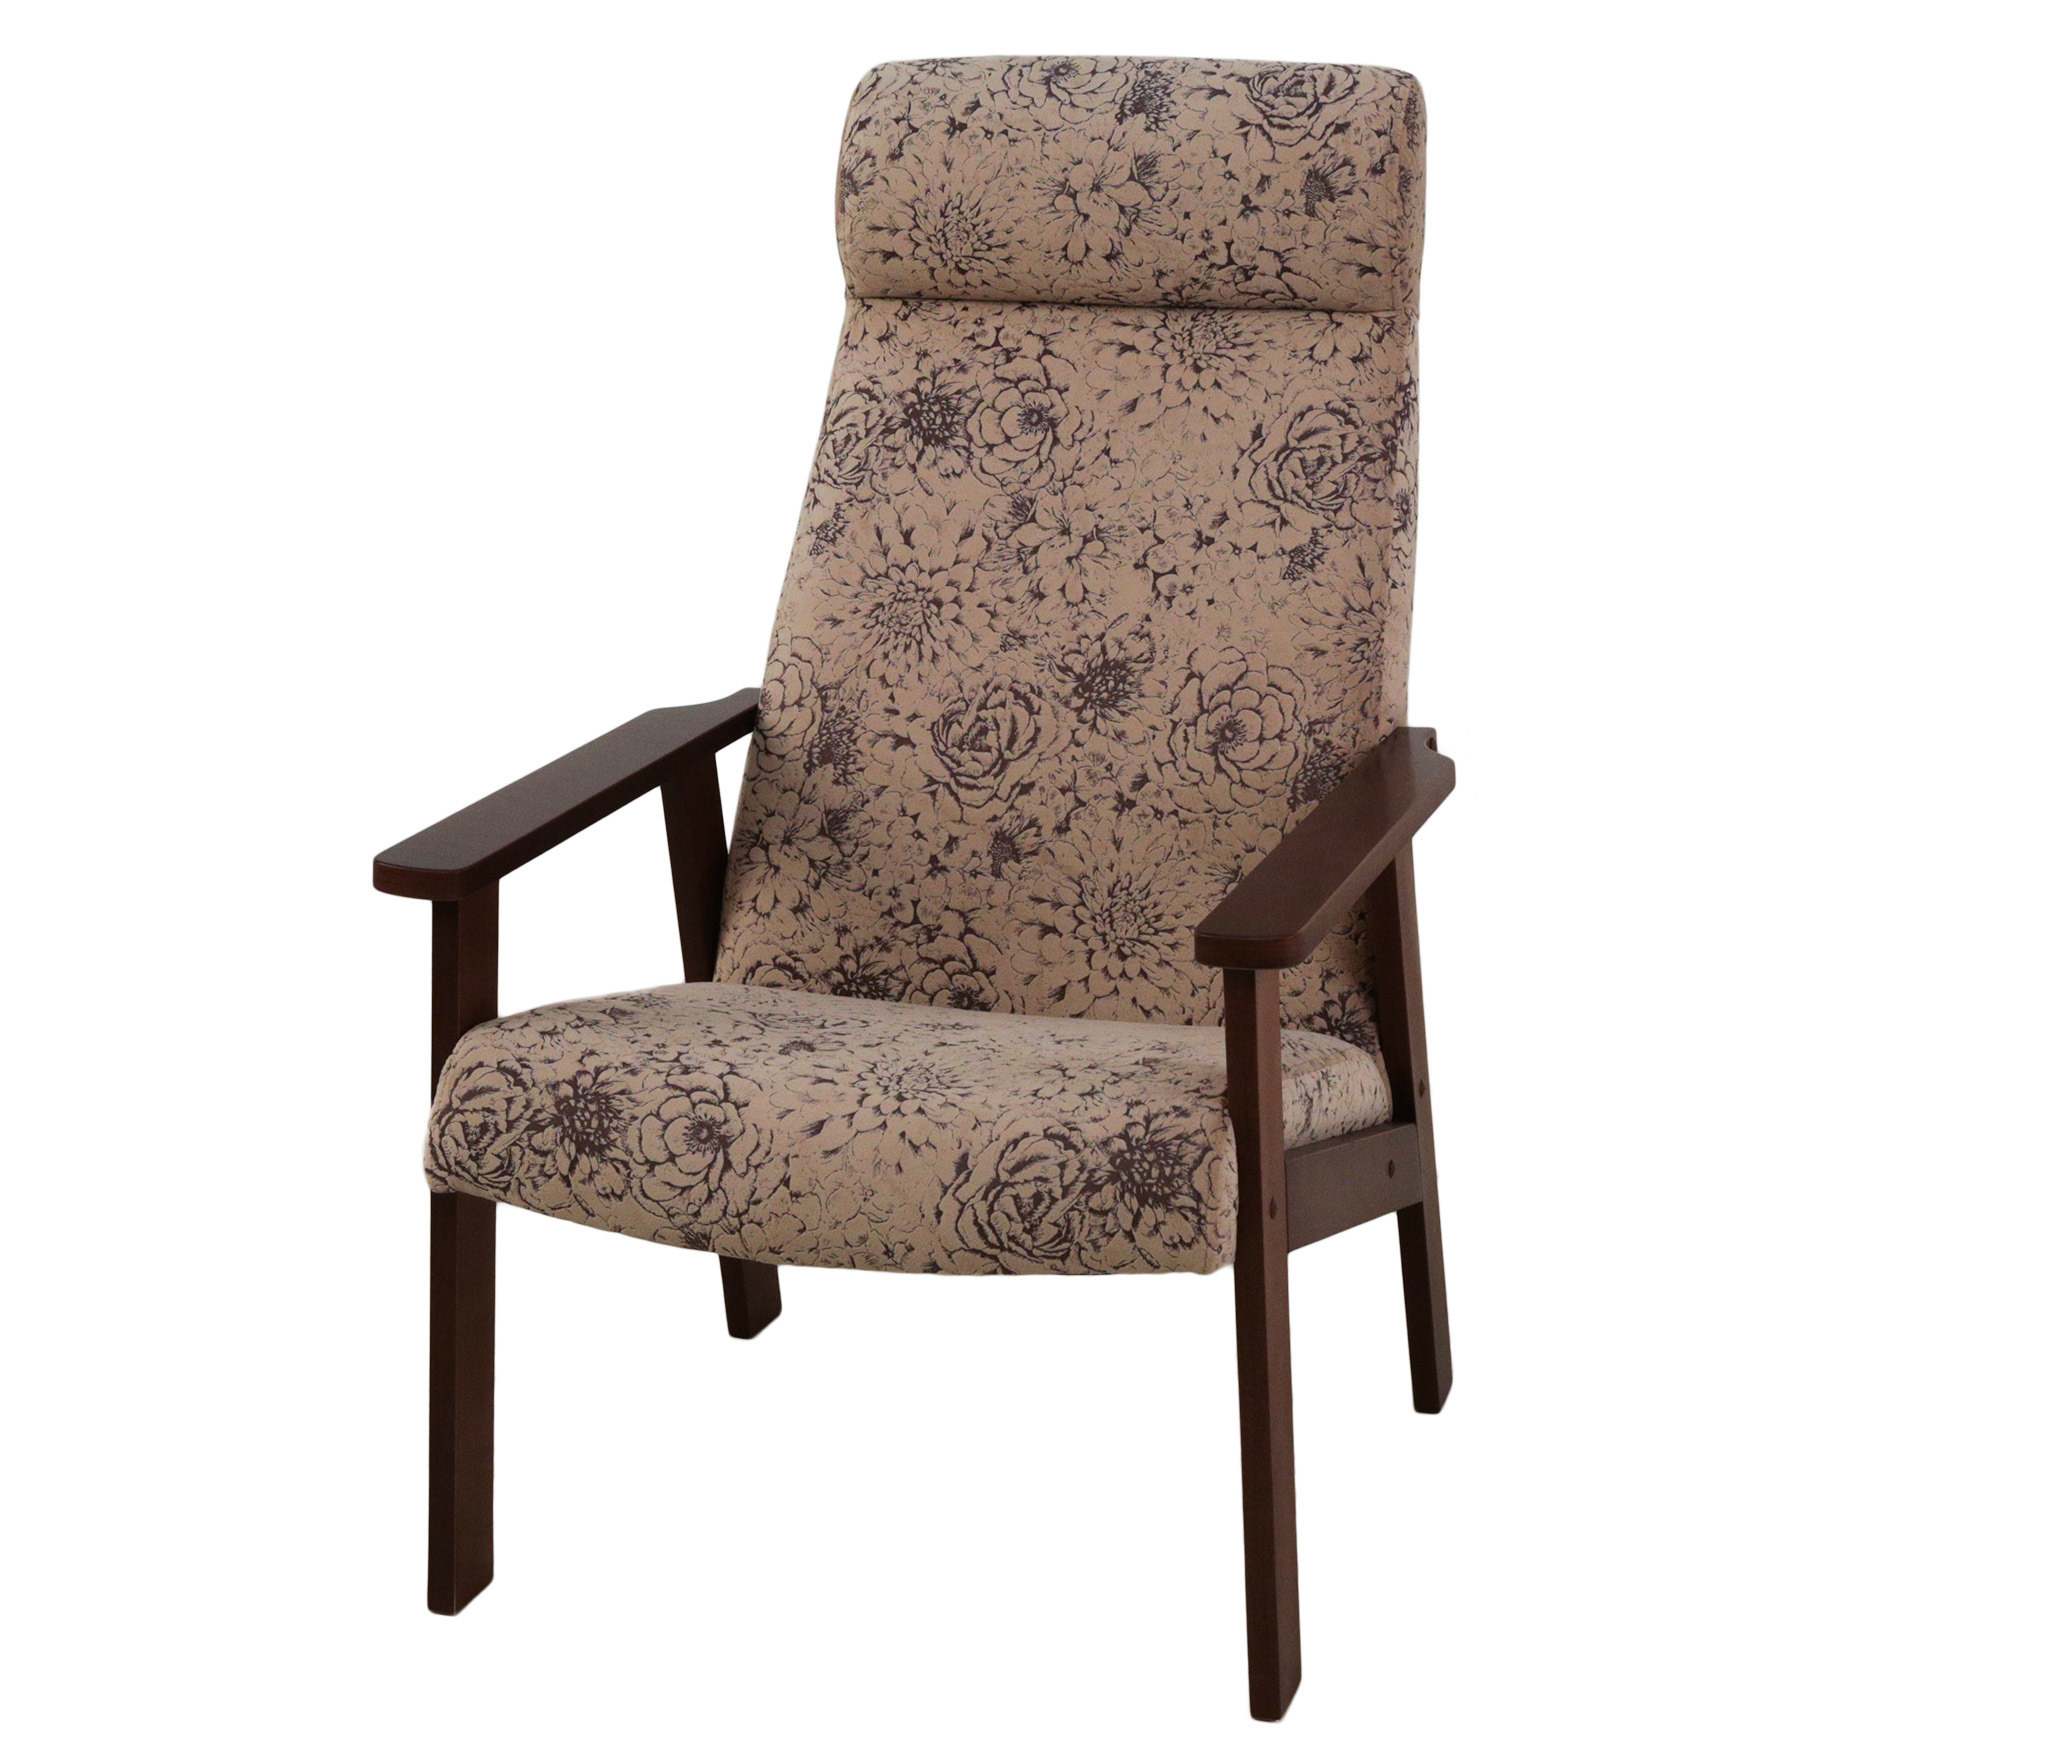 Кресло для отдыха Вилора, Орех, флок RJB 14-4 мягкие кресла